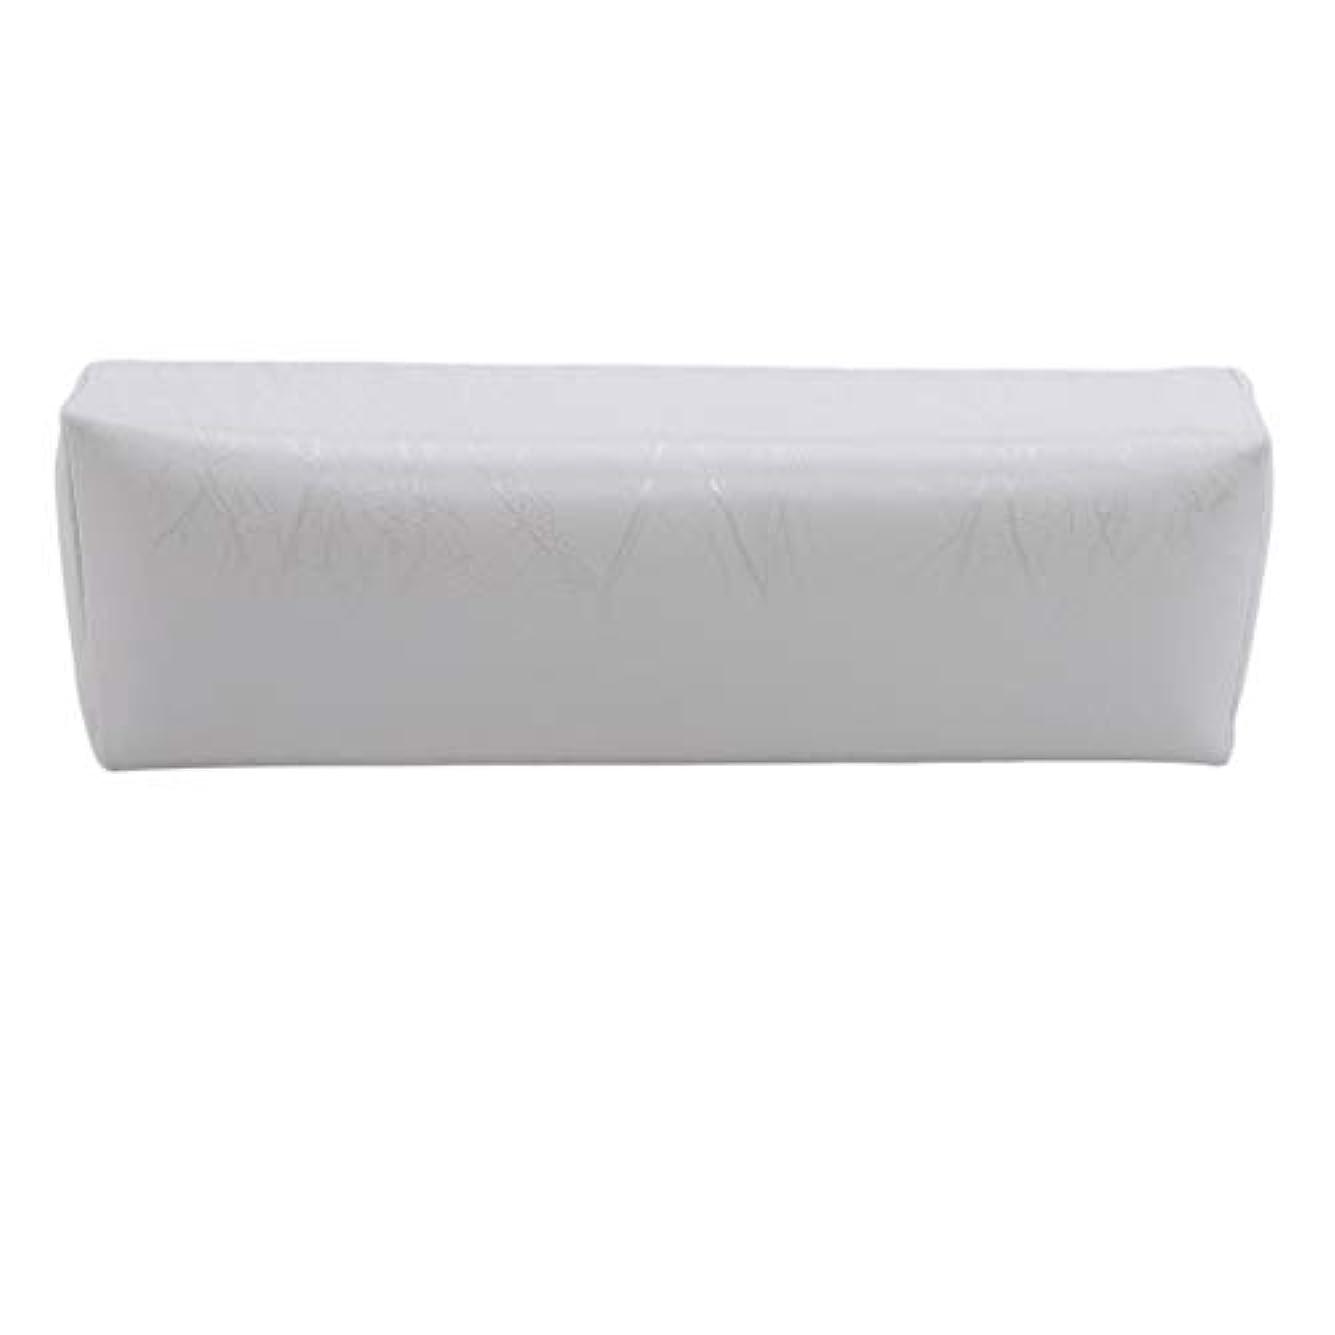 渦百万電気技師HKUN プロのネイルアートツール ケアツール 洗える 手枕クッション ネイルアートホルダー ソフトアームレスト用 ネイルケア用 マニキュアネイル用品 白色